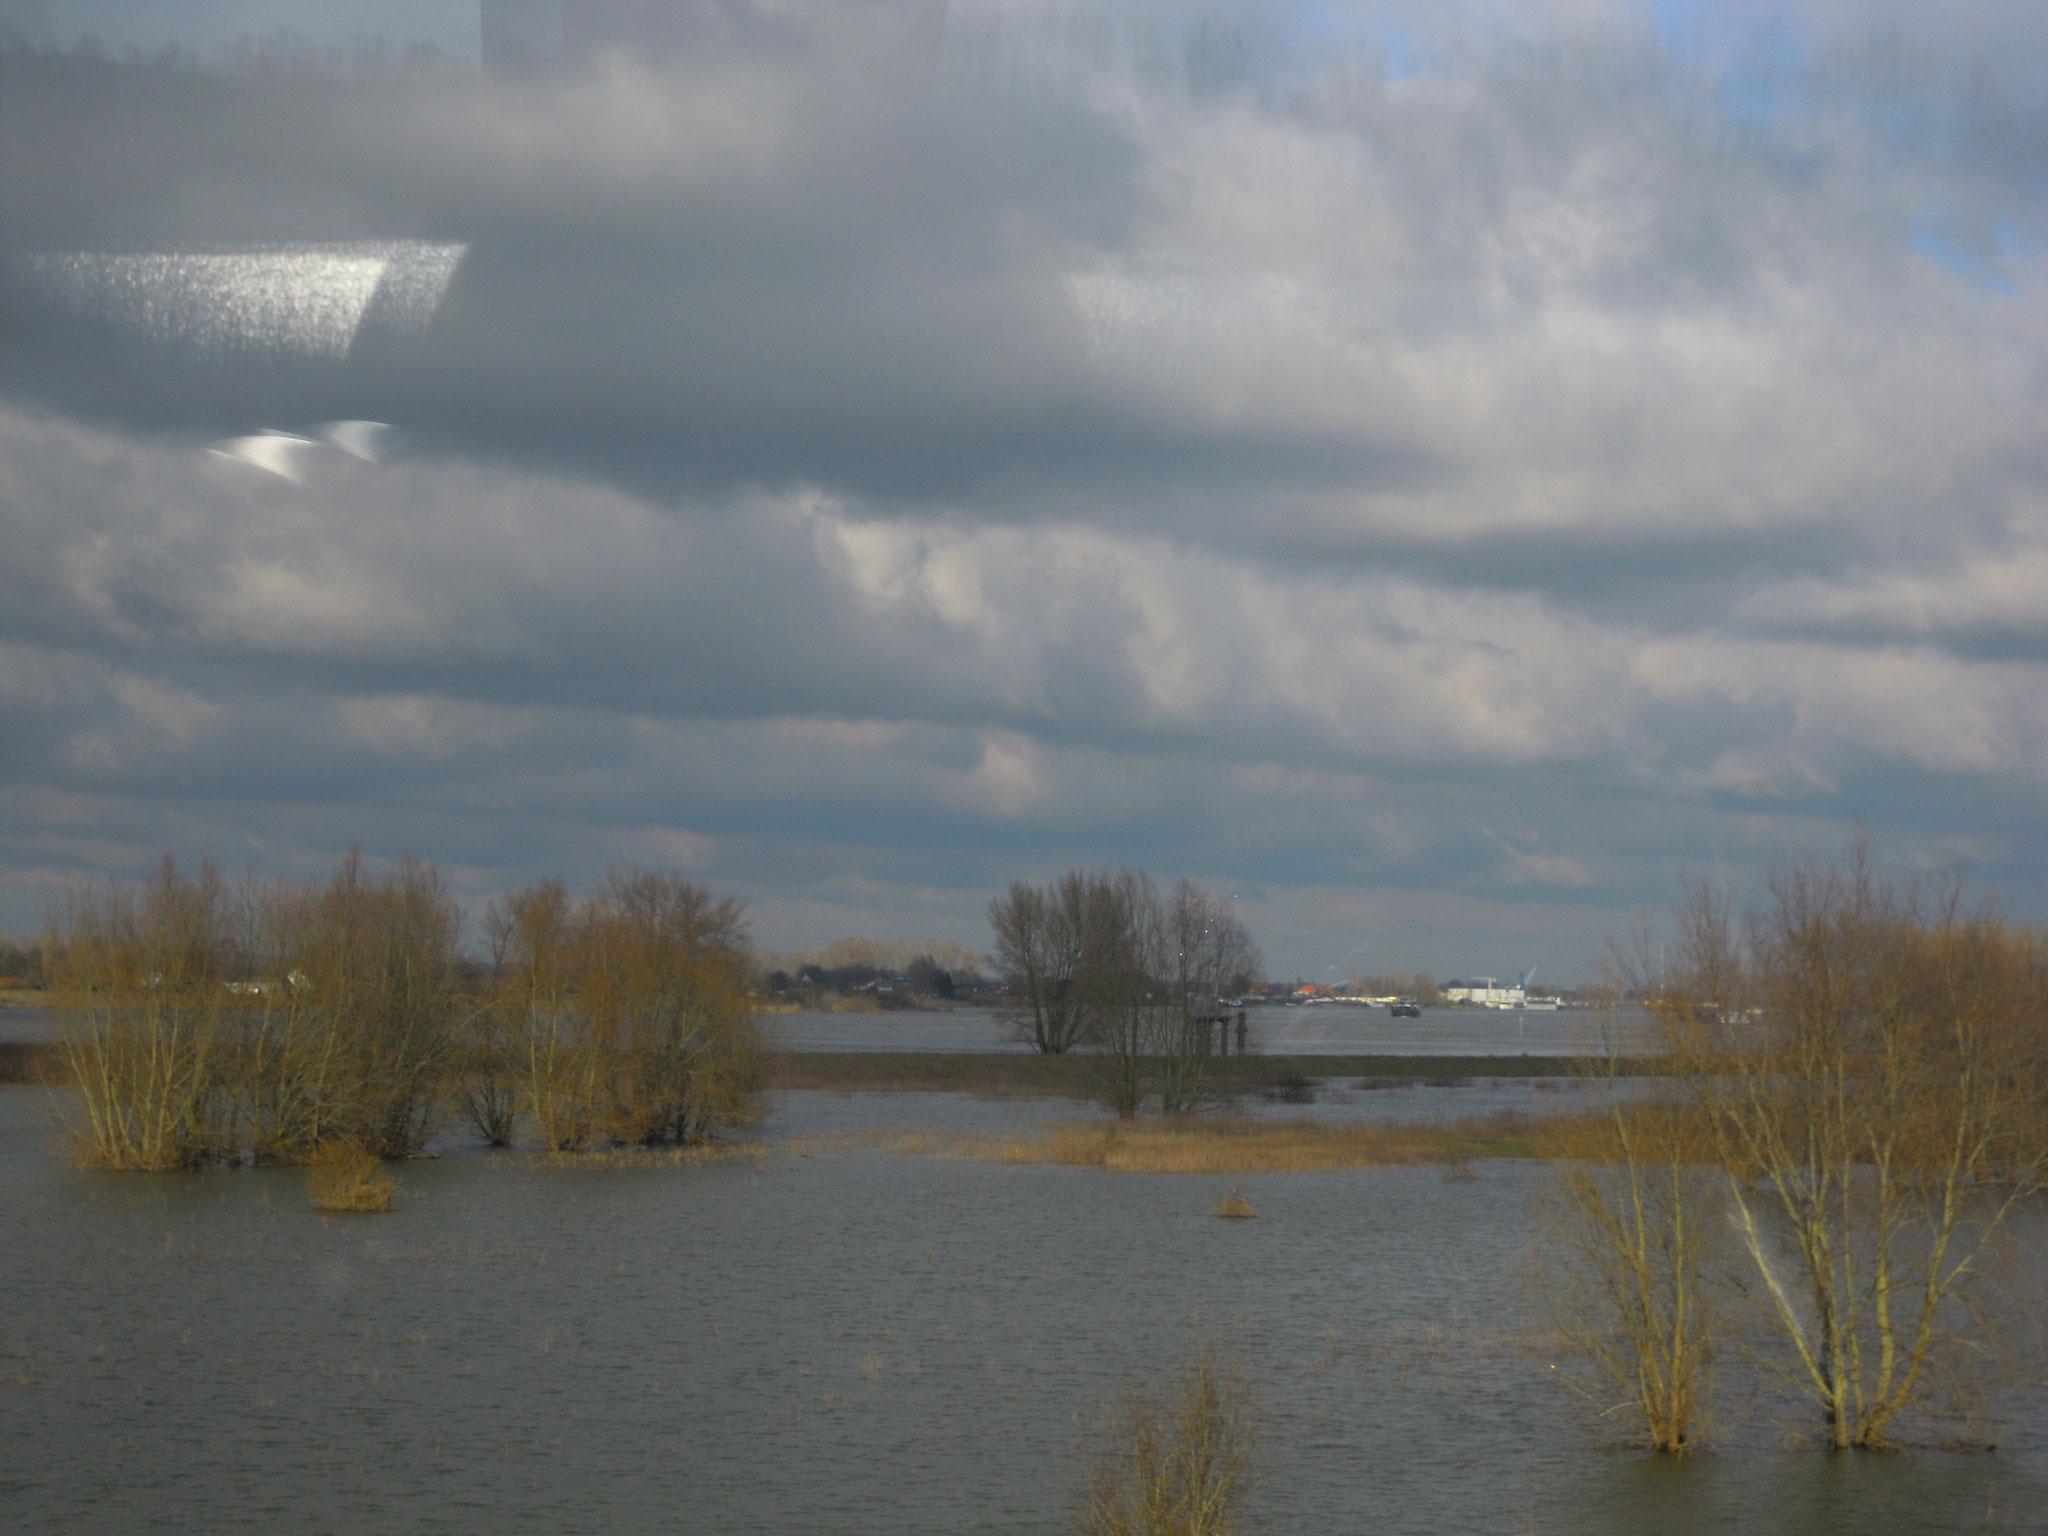 In der überschwemmten Aue ist der Flusslauf kaum zu erkennen.